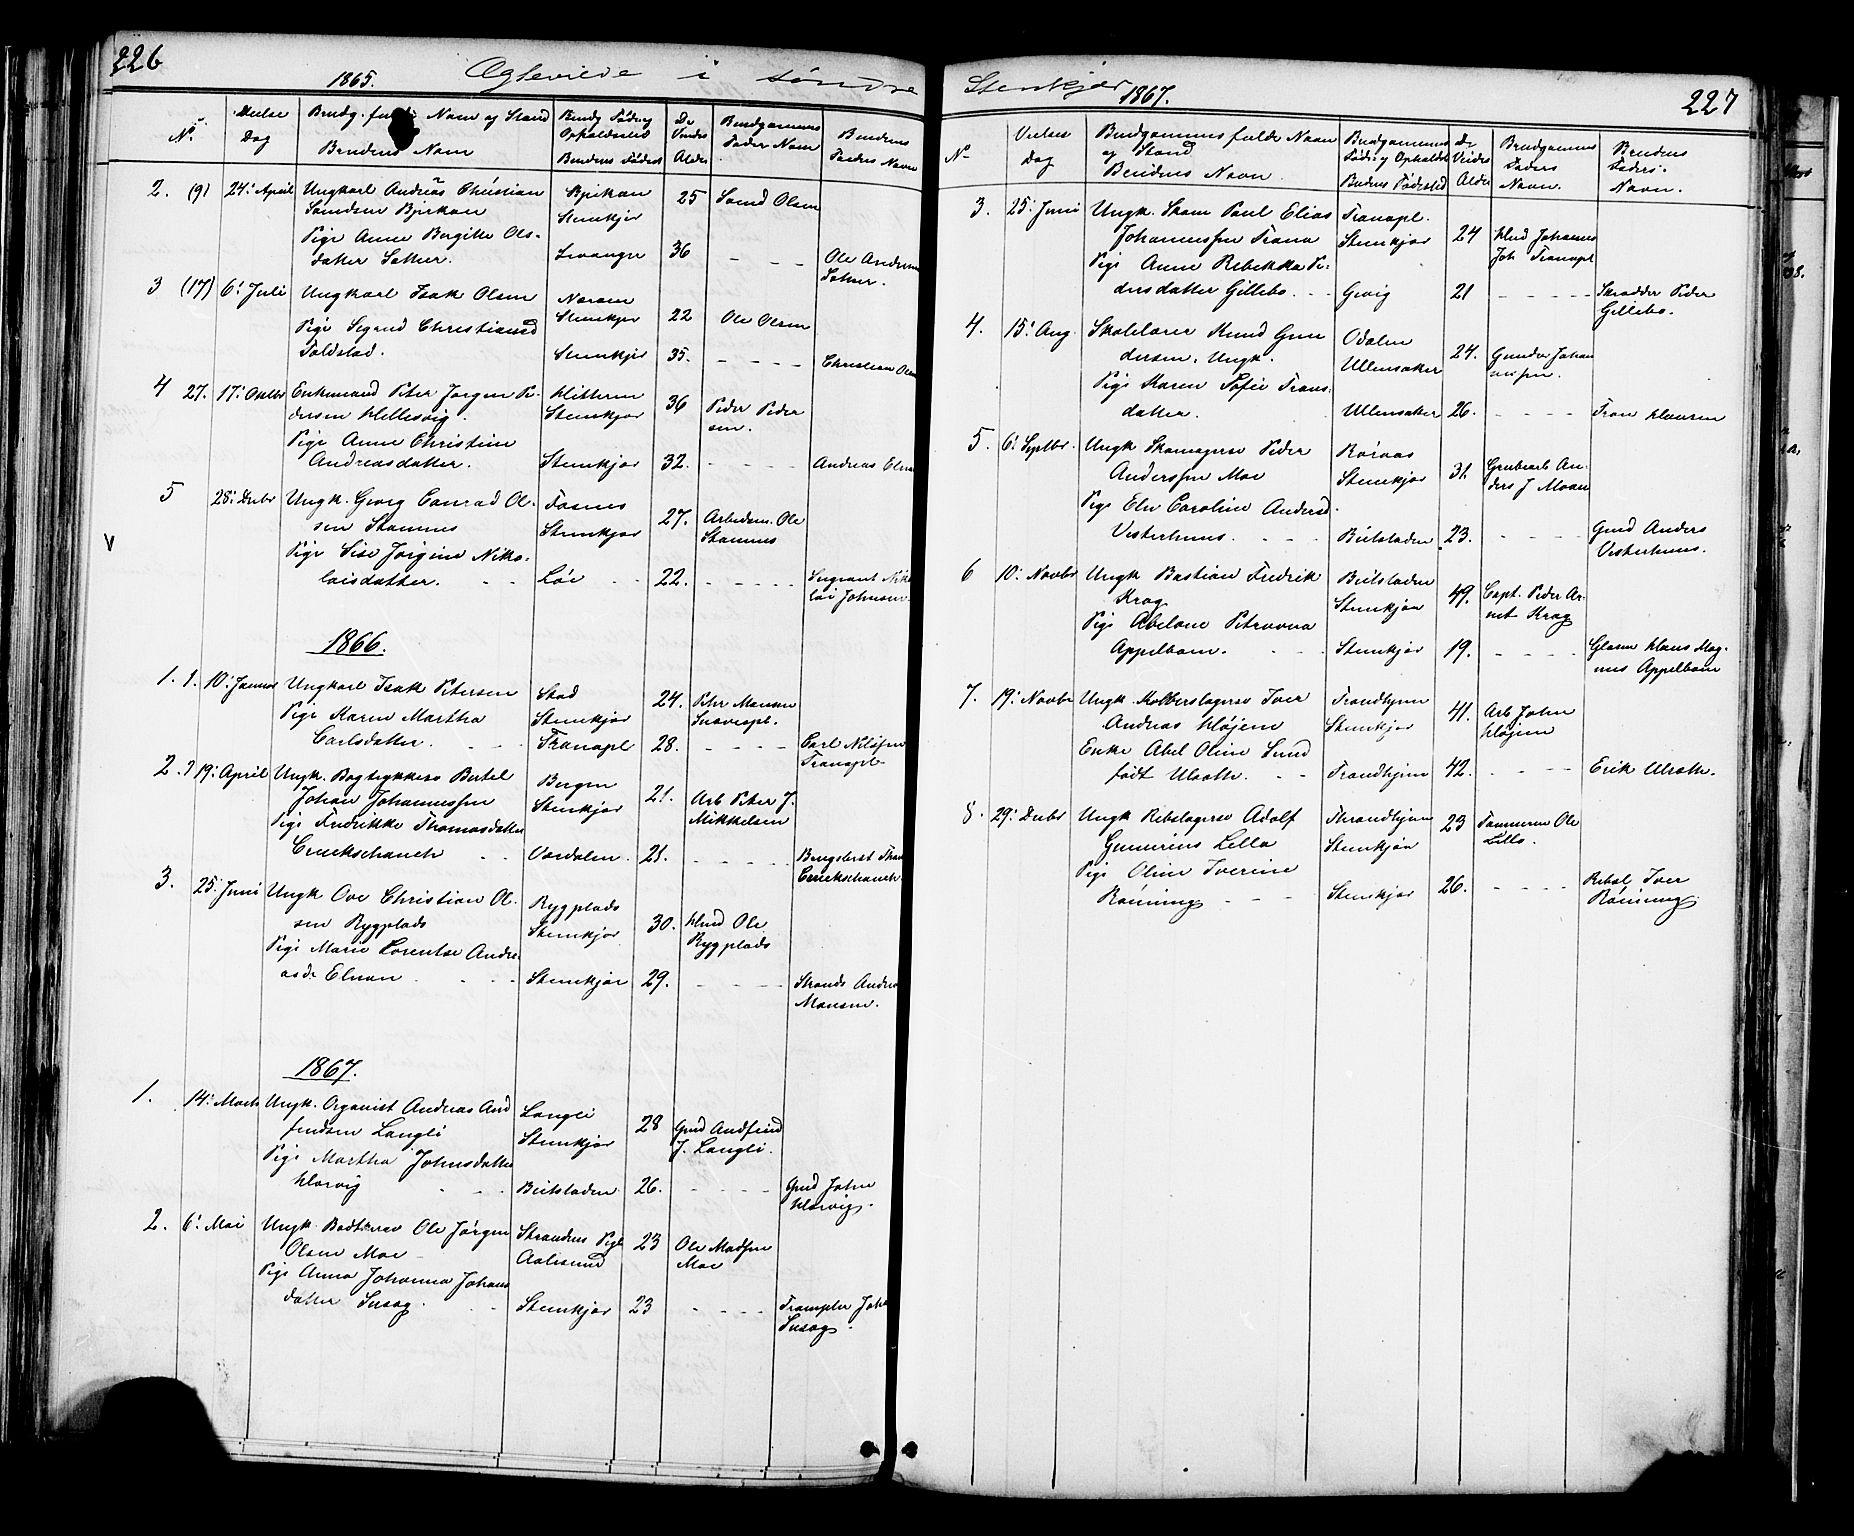 SAT, Ministerialprotokoller, klokkerbøker og fødselsregistre - Nord-Trøndelag, 739/L0367: Ministerialbok nr. 739A01 /1, 1838-1868, s. 226-227